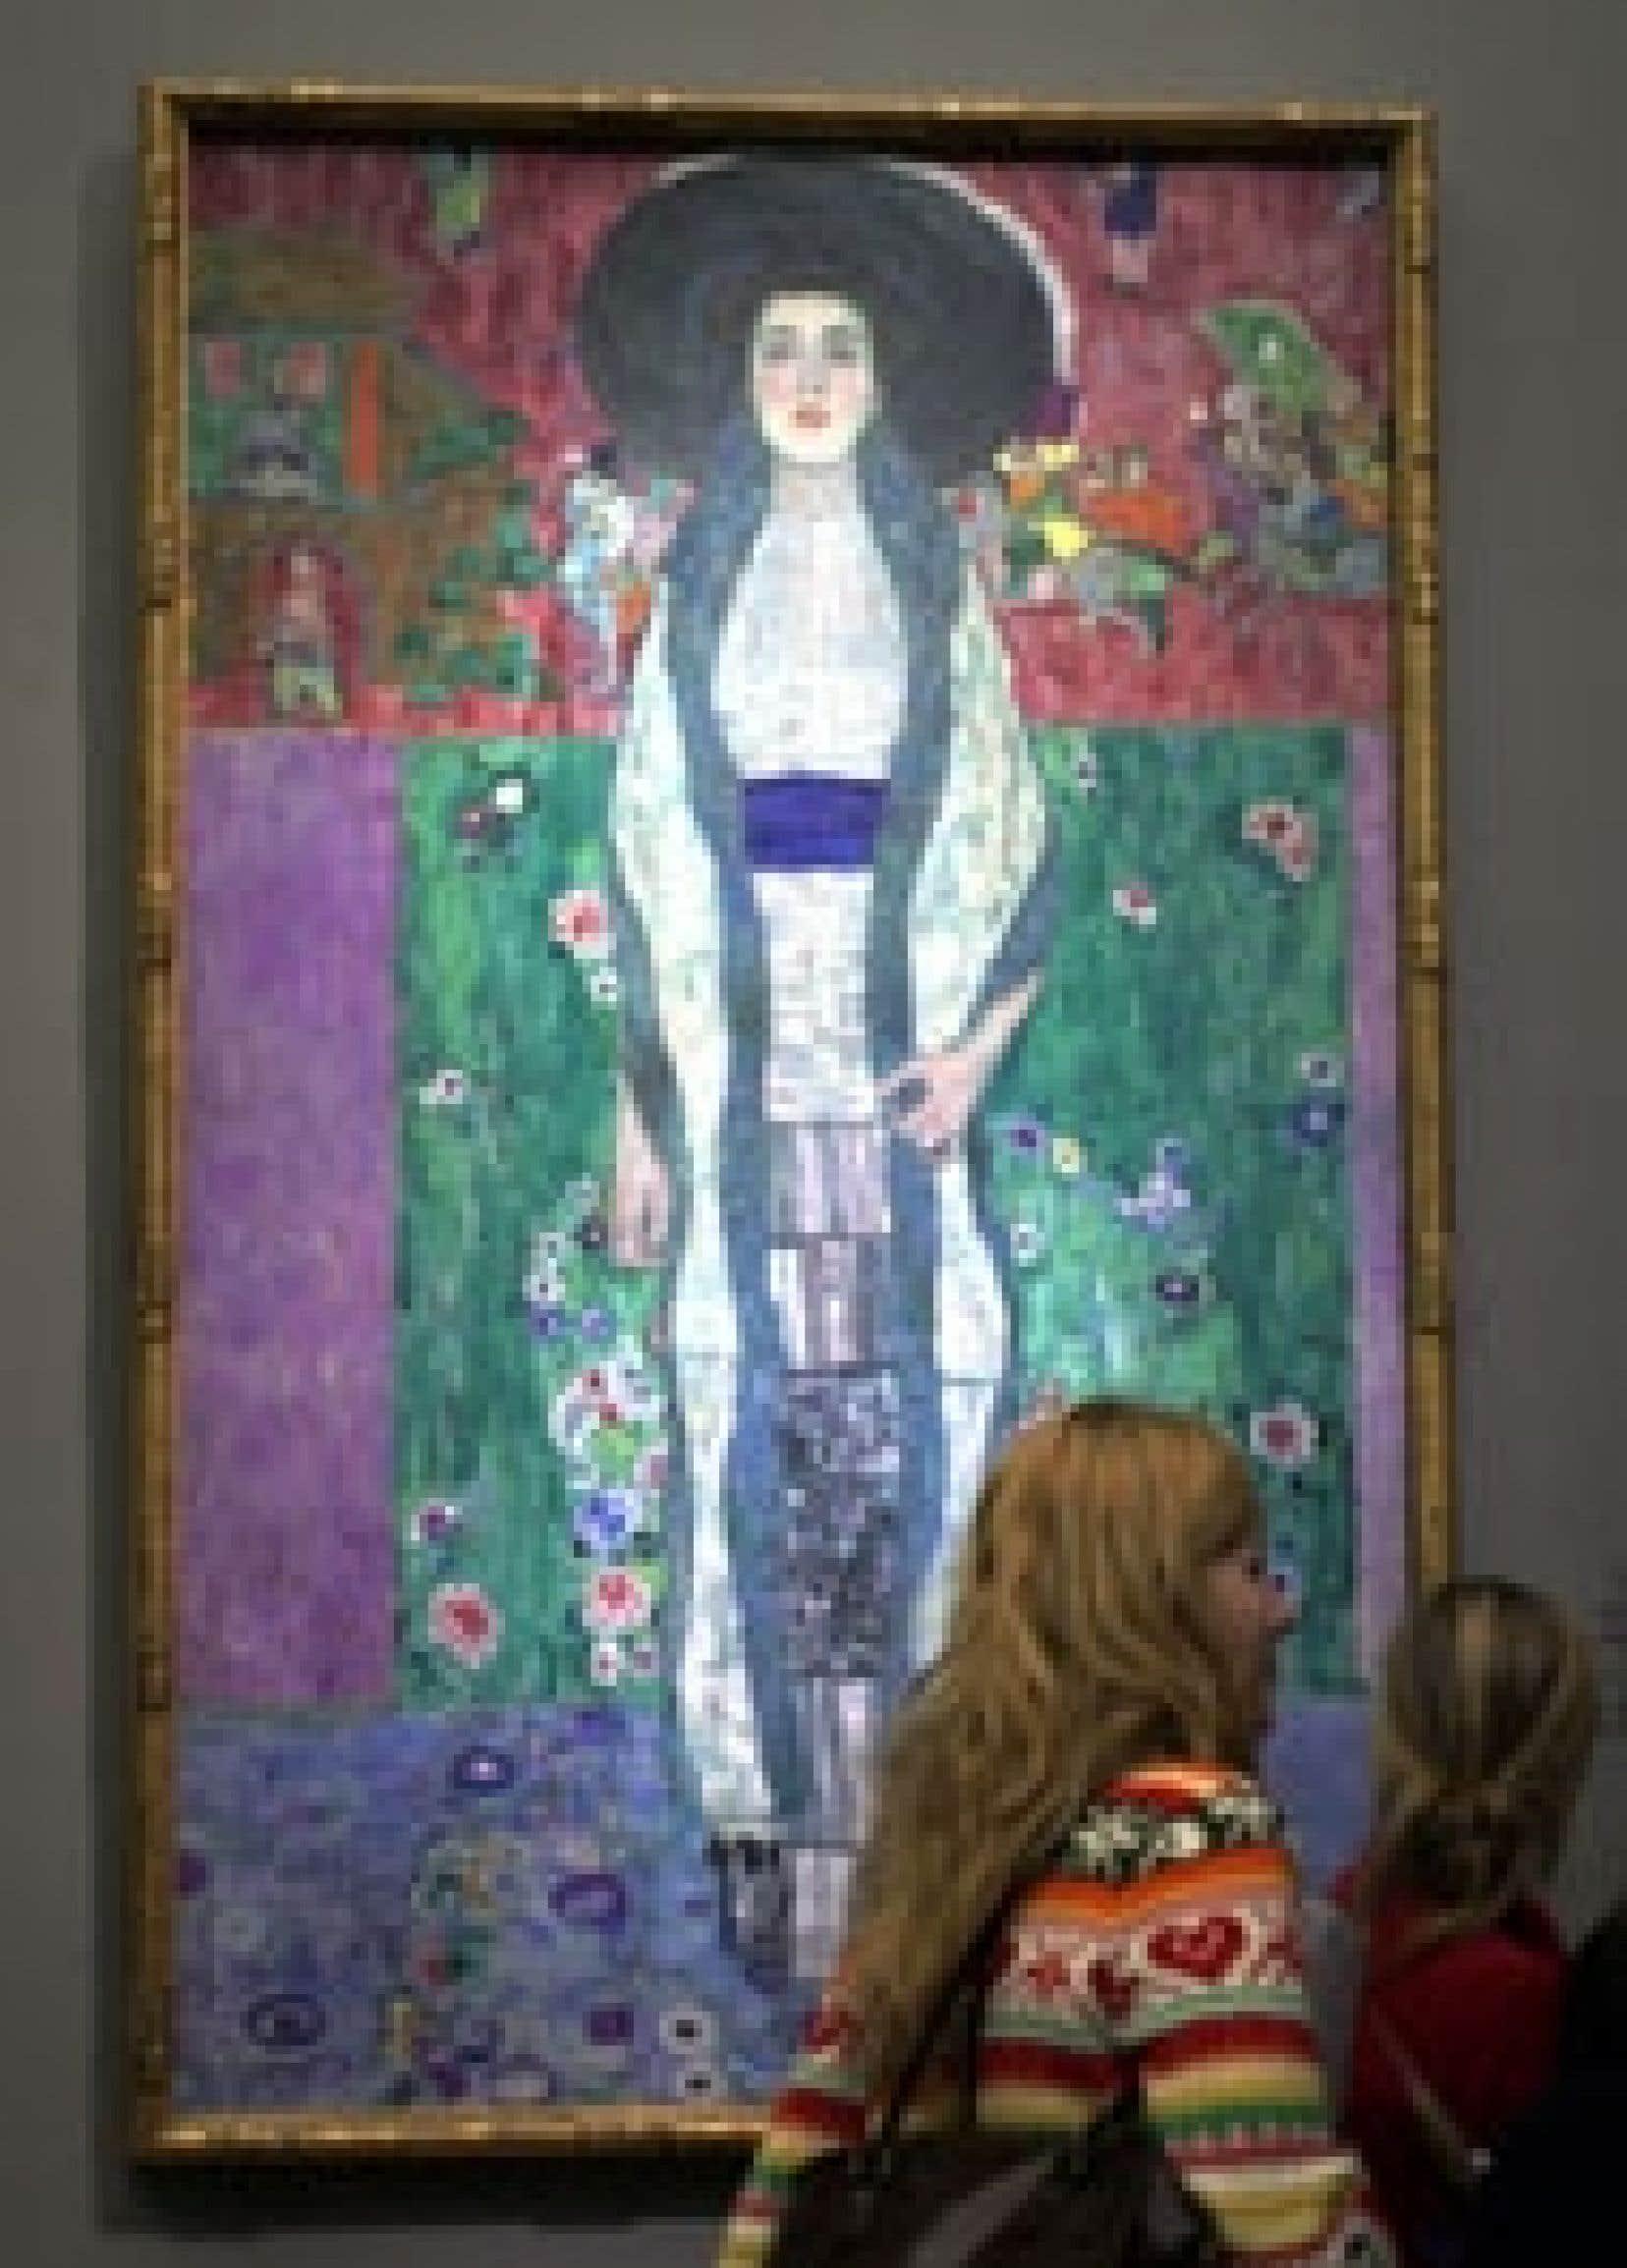 Un des célèbres portraits d'Adèle Bloch-Bauer, de Gustav Klimt, est exposé à la galerie du Belvédère de Vienne.